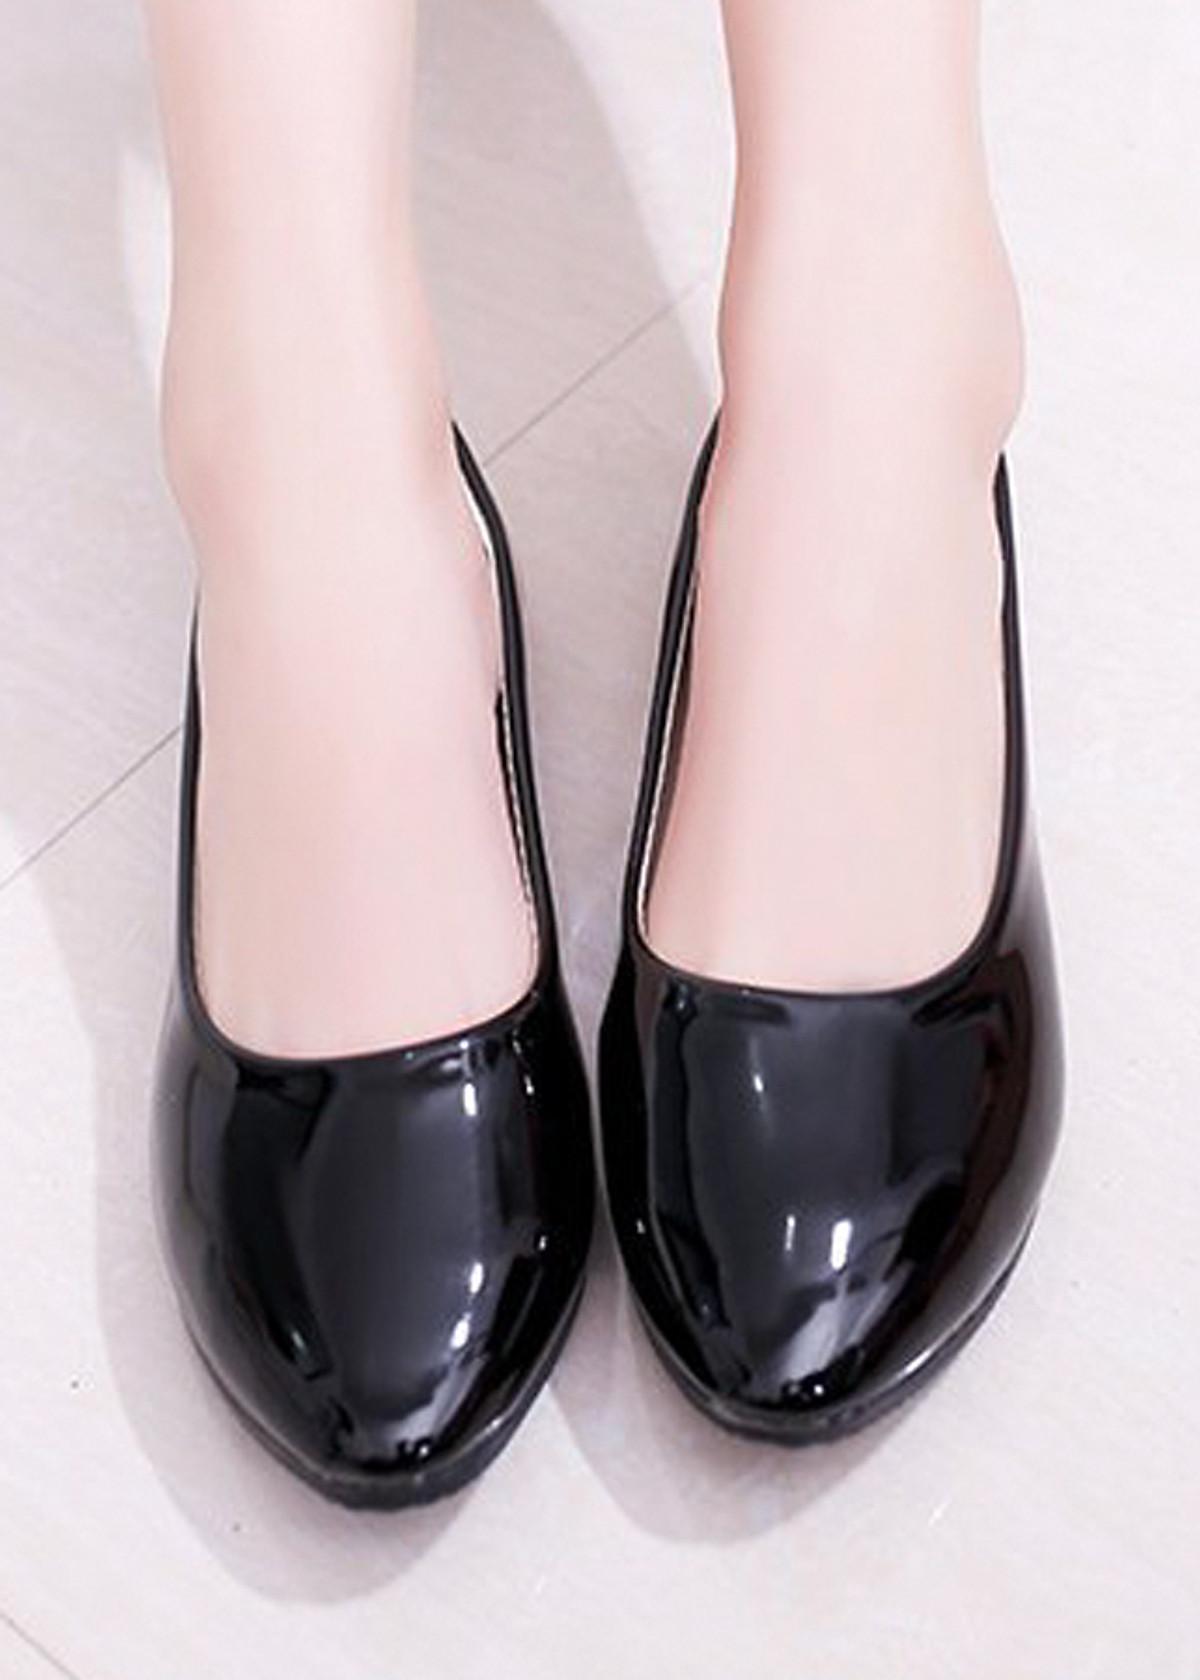 Giày búp bê da bóng mềm không đau chân , dáng chuẩn 96309 57